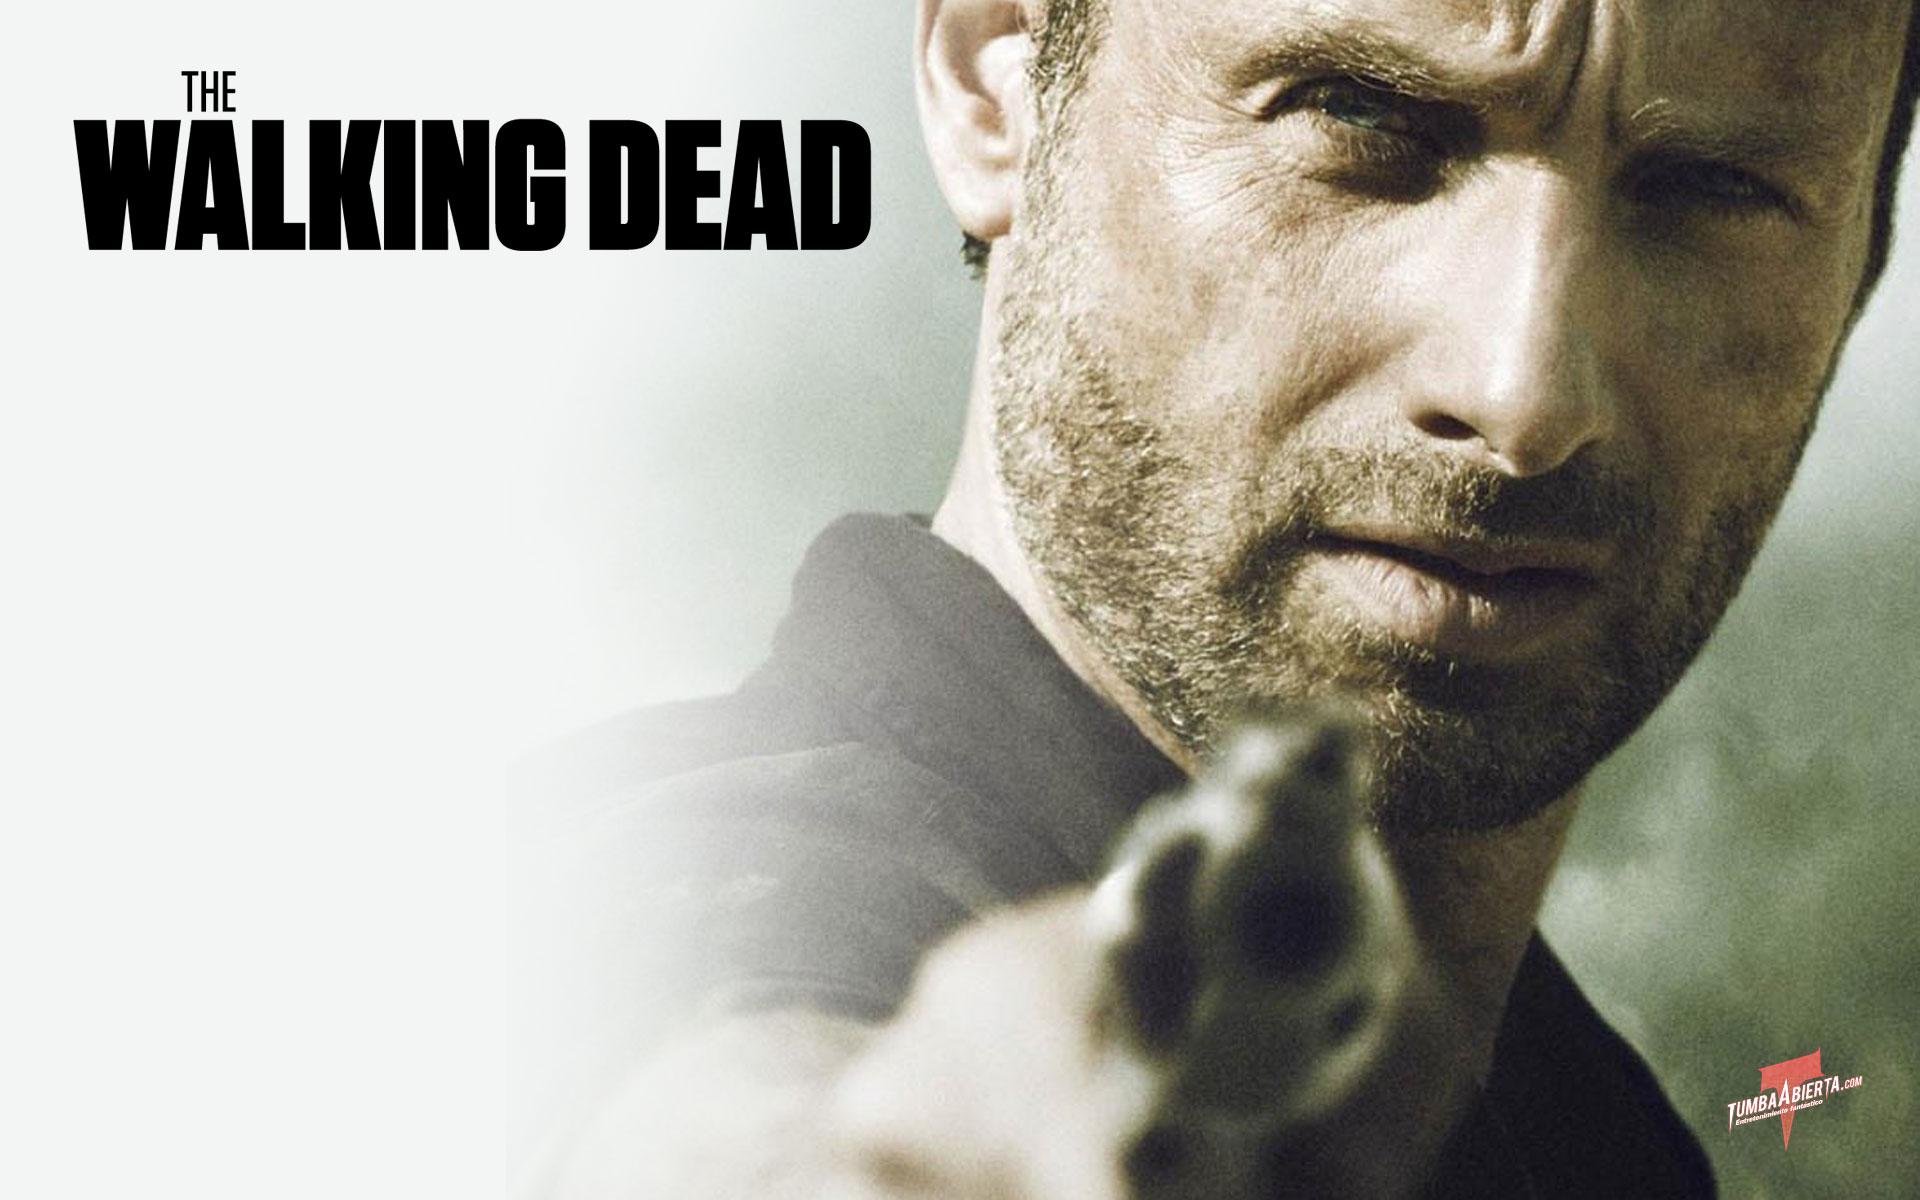 The Walking Dead. Wallpaper